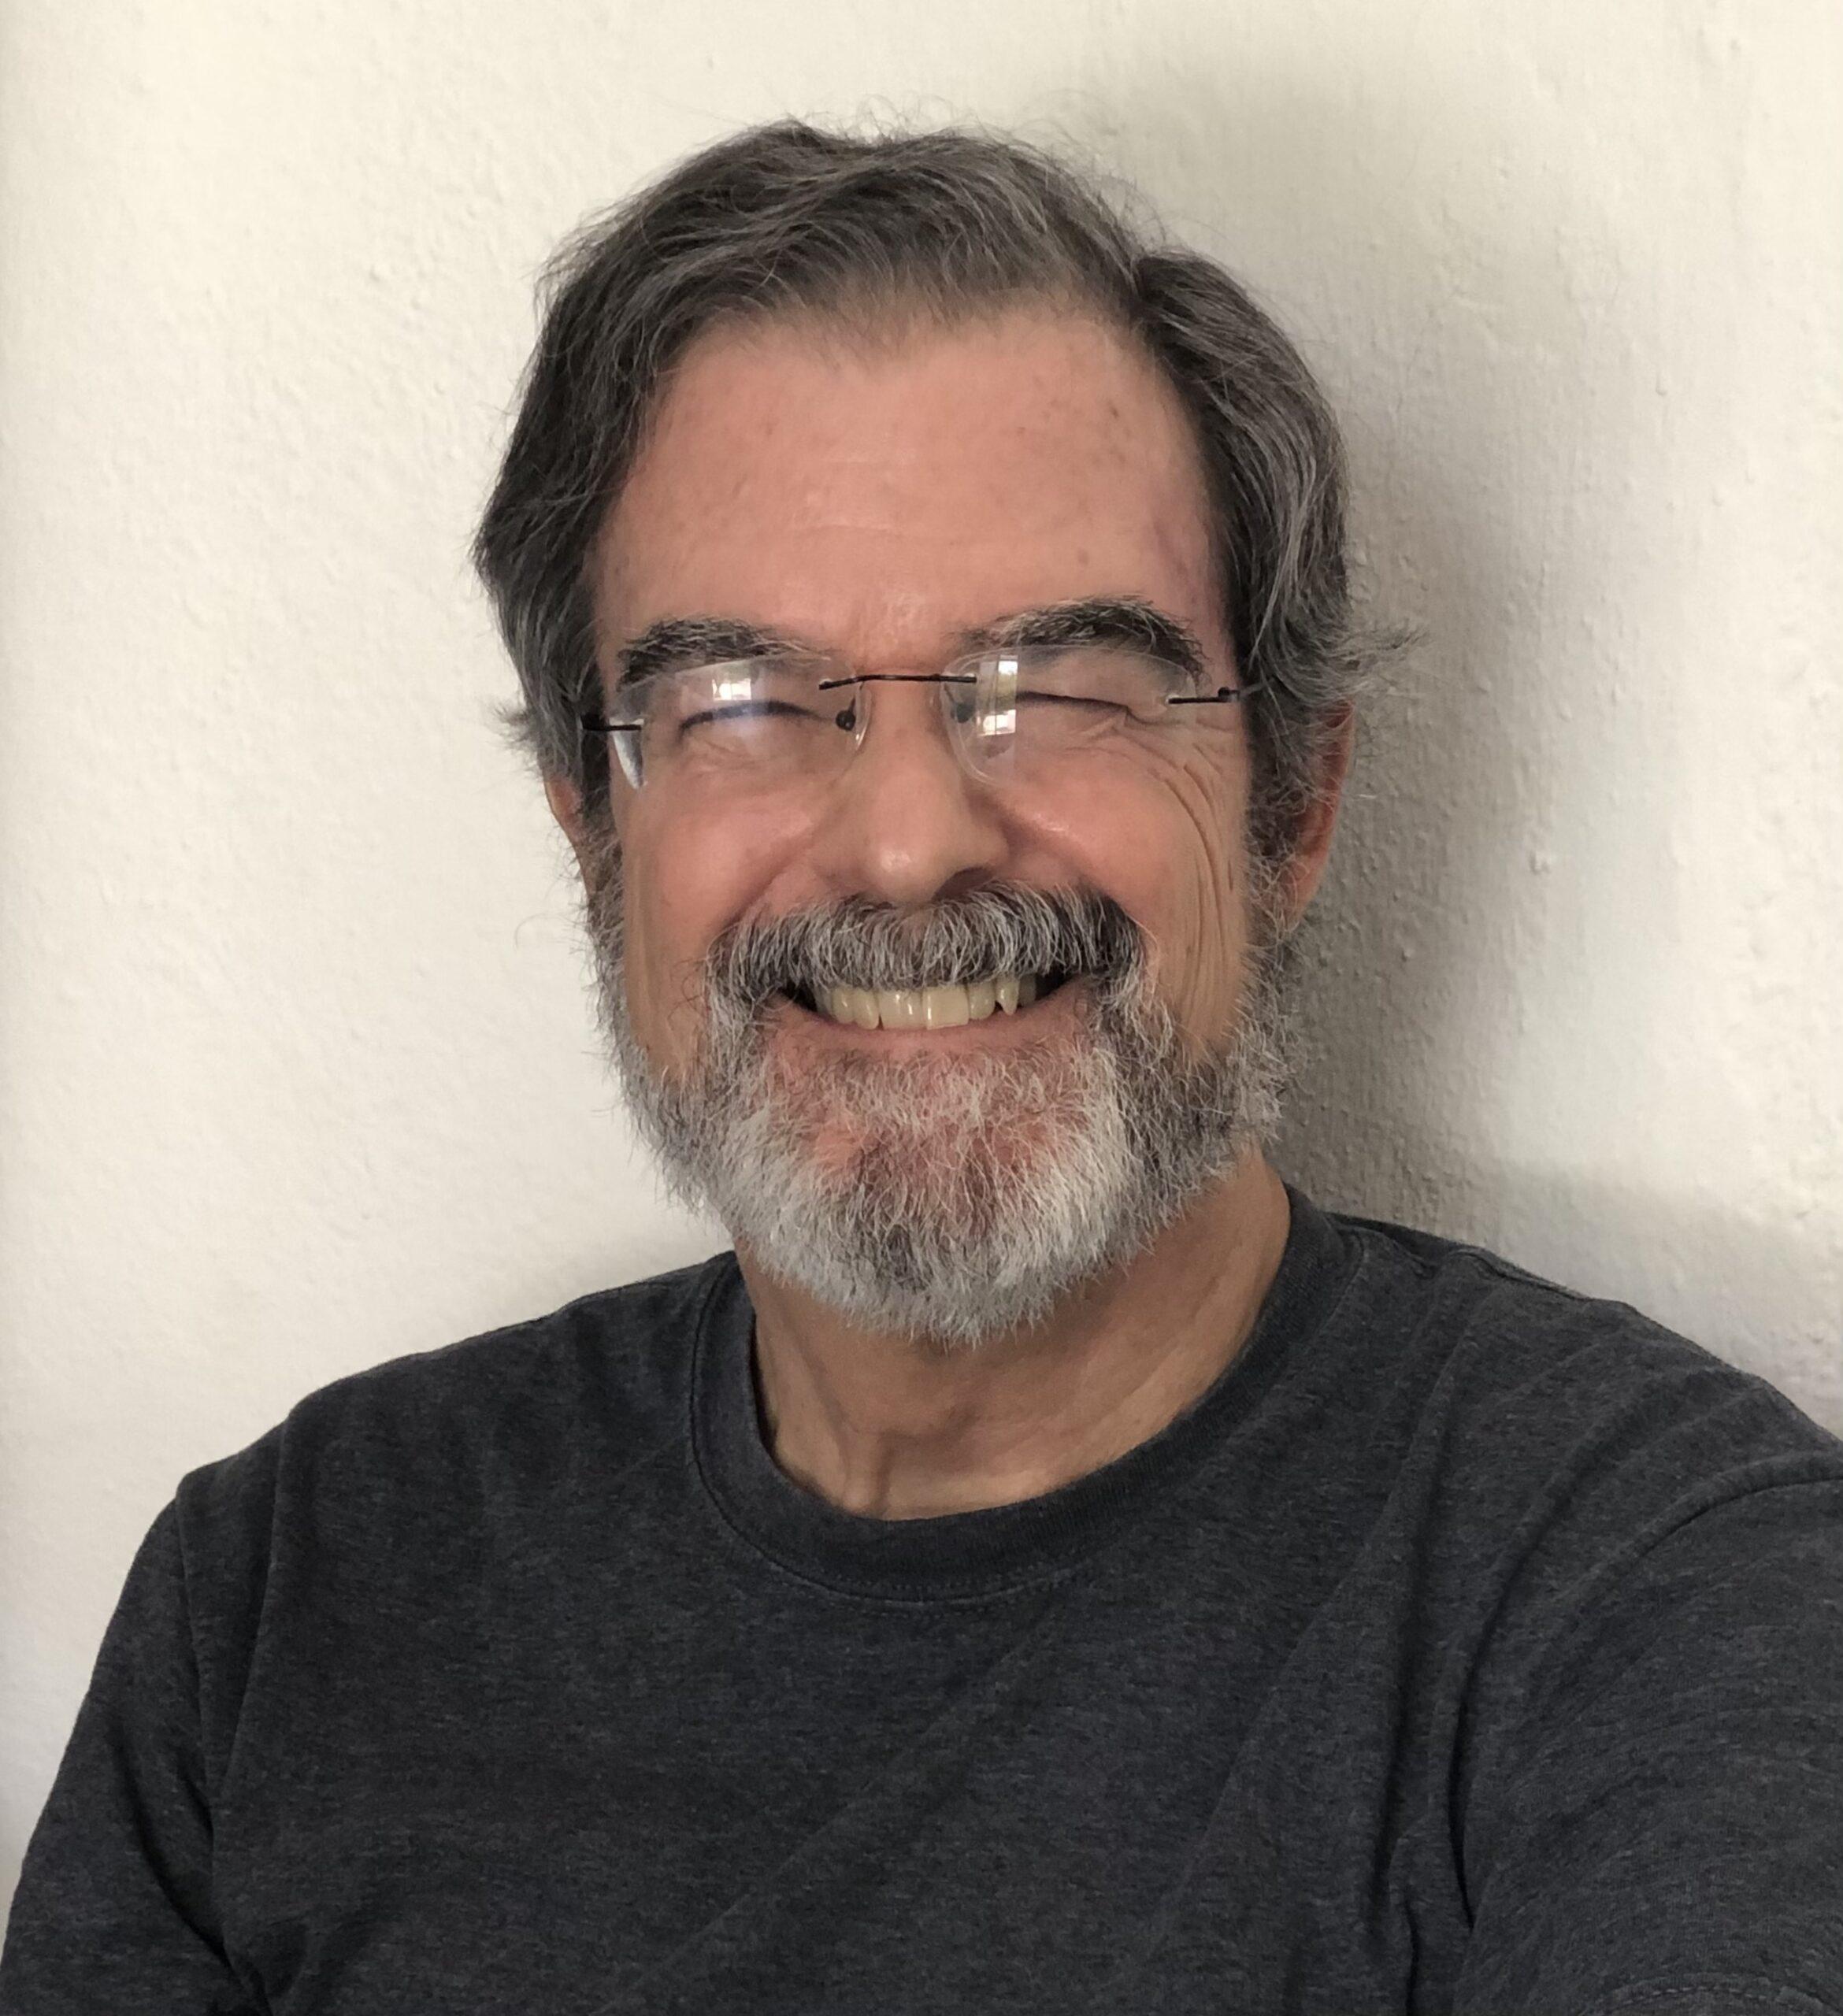 Enrique Lavin